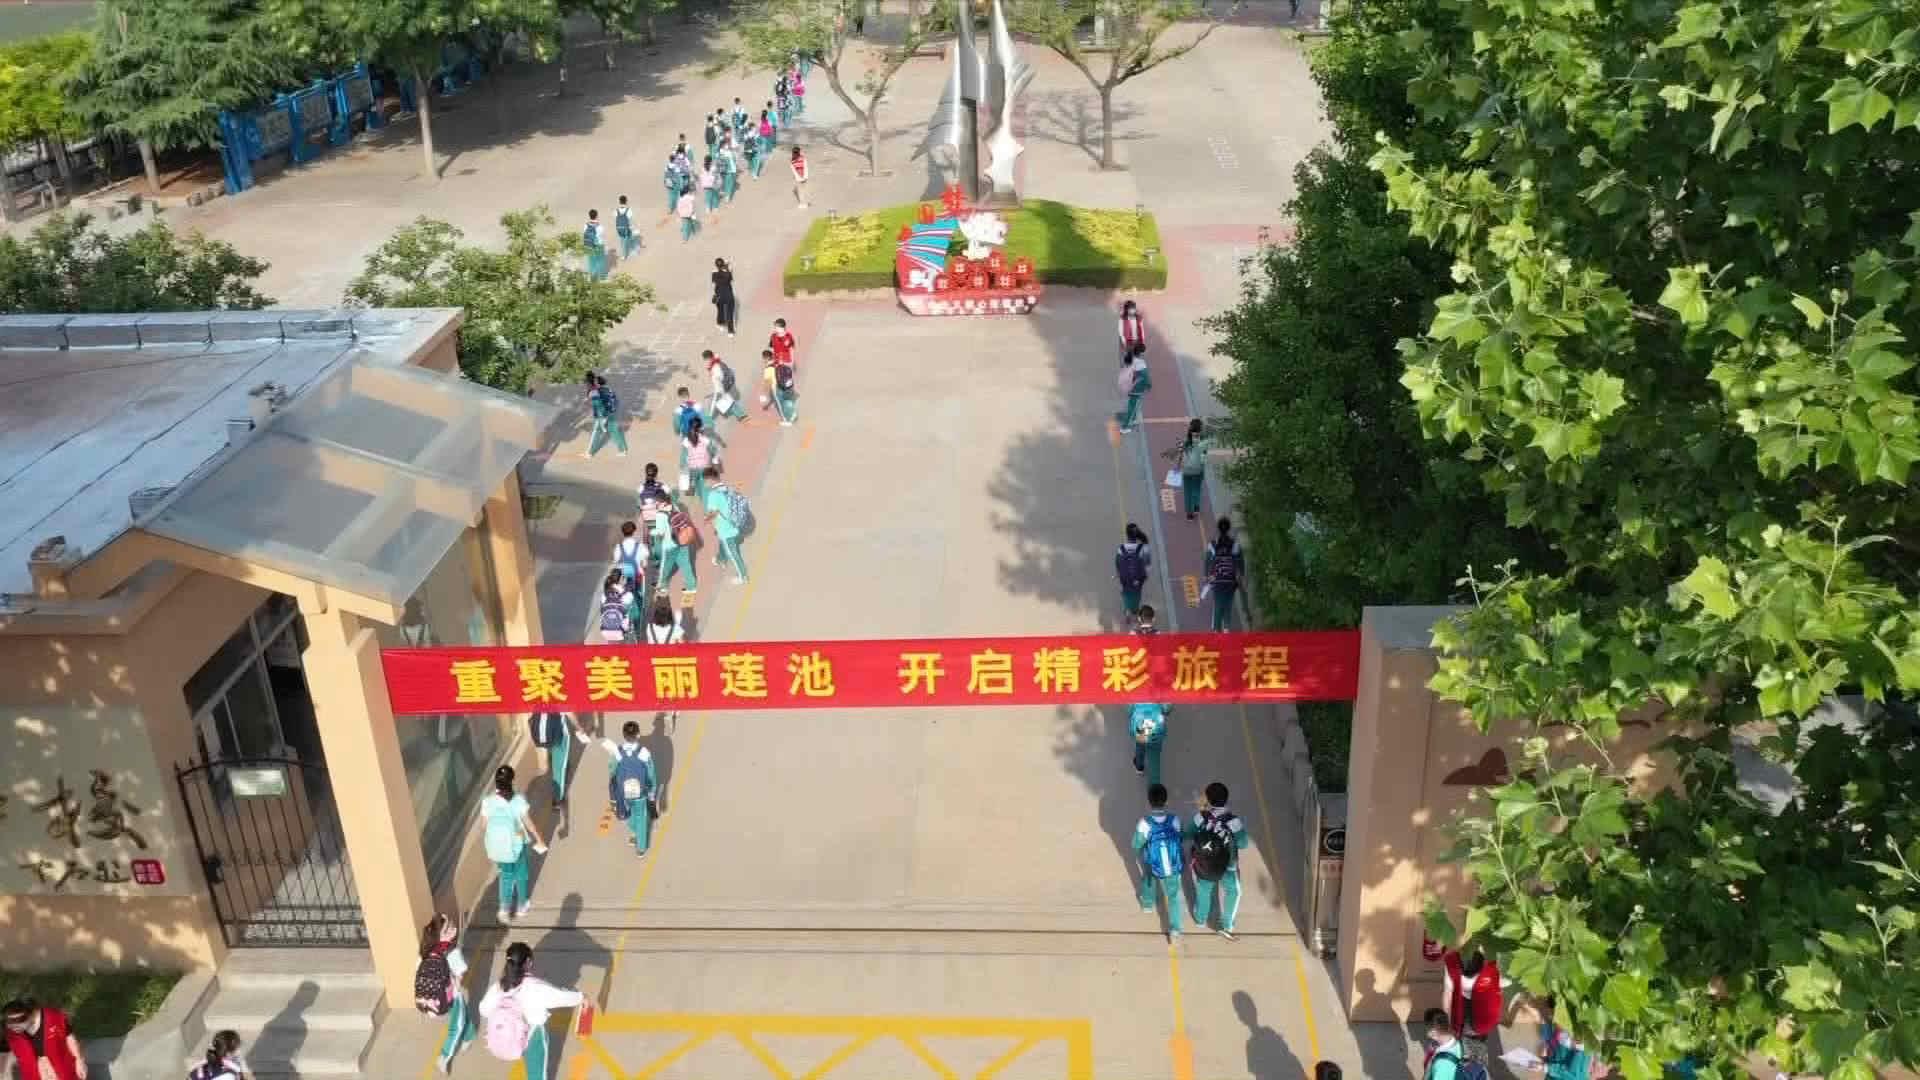 【开学进行时】省内小学部分年级学生陆续返校 开启复学第一课《山东教育周刊》20200531播出